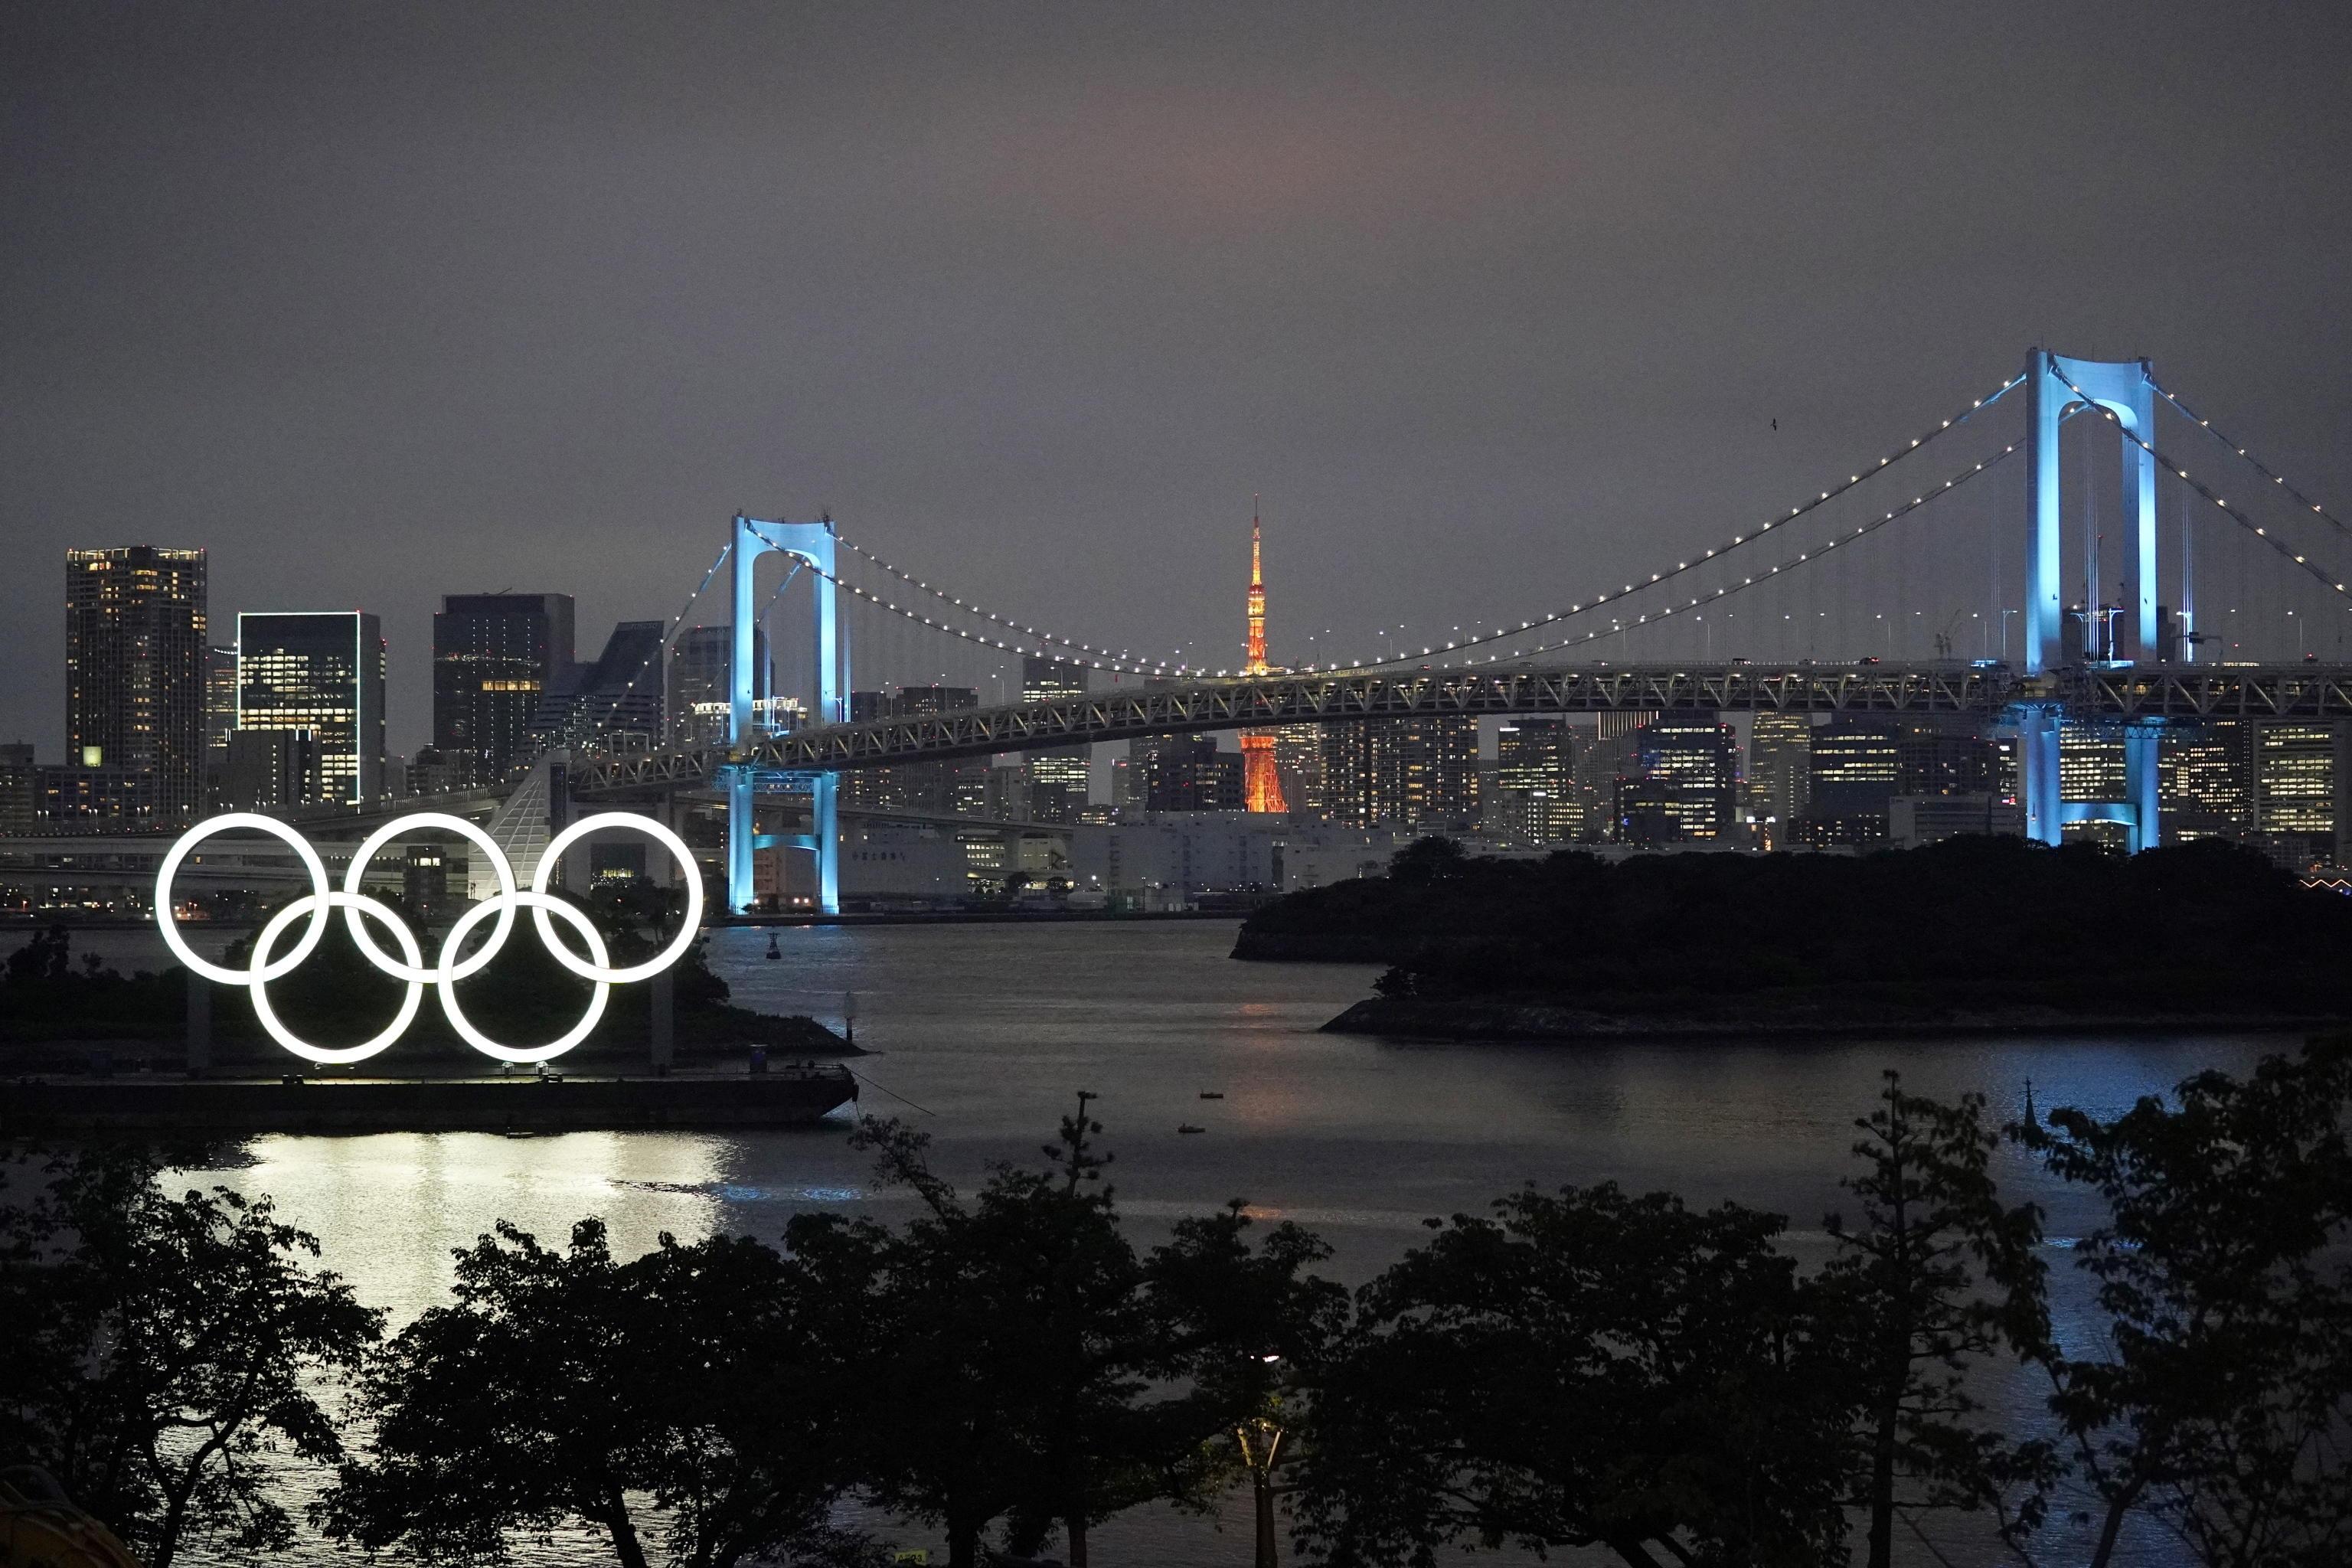 Coronavirus, la Corea del Nord diserta le Olimpiadi di Tokyo «per il rischio Covid». Negli Usa la variante inglese rilevata in tutti i 50 stati